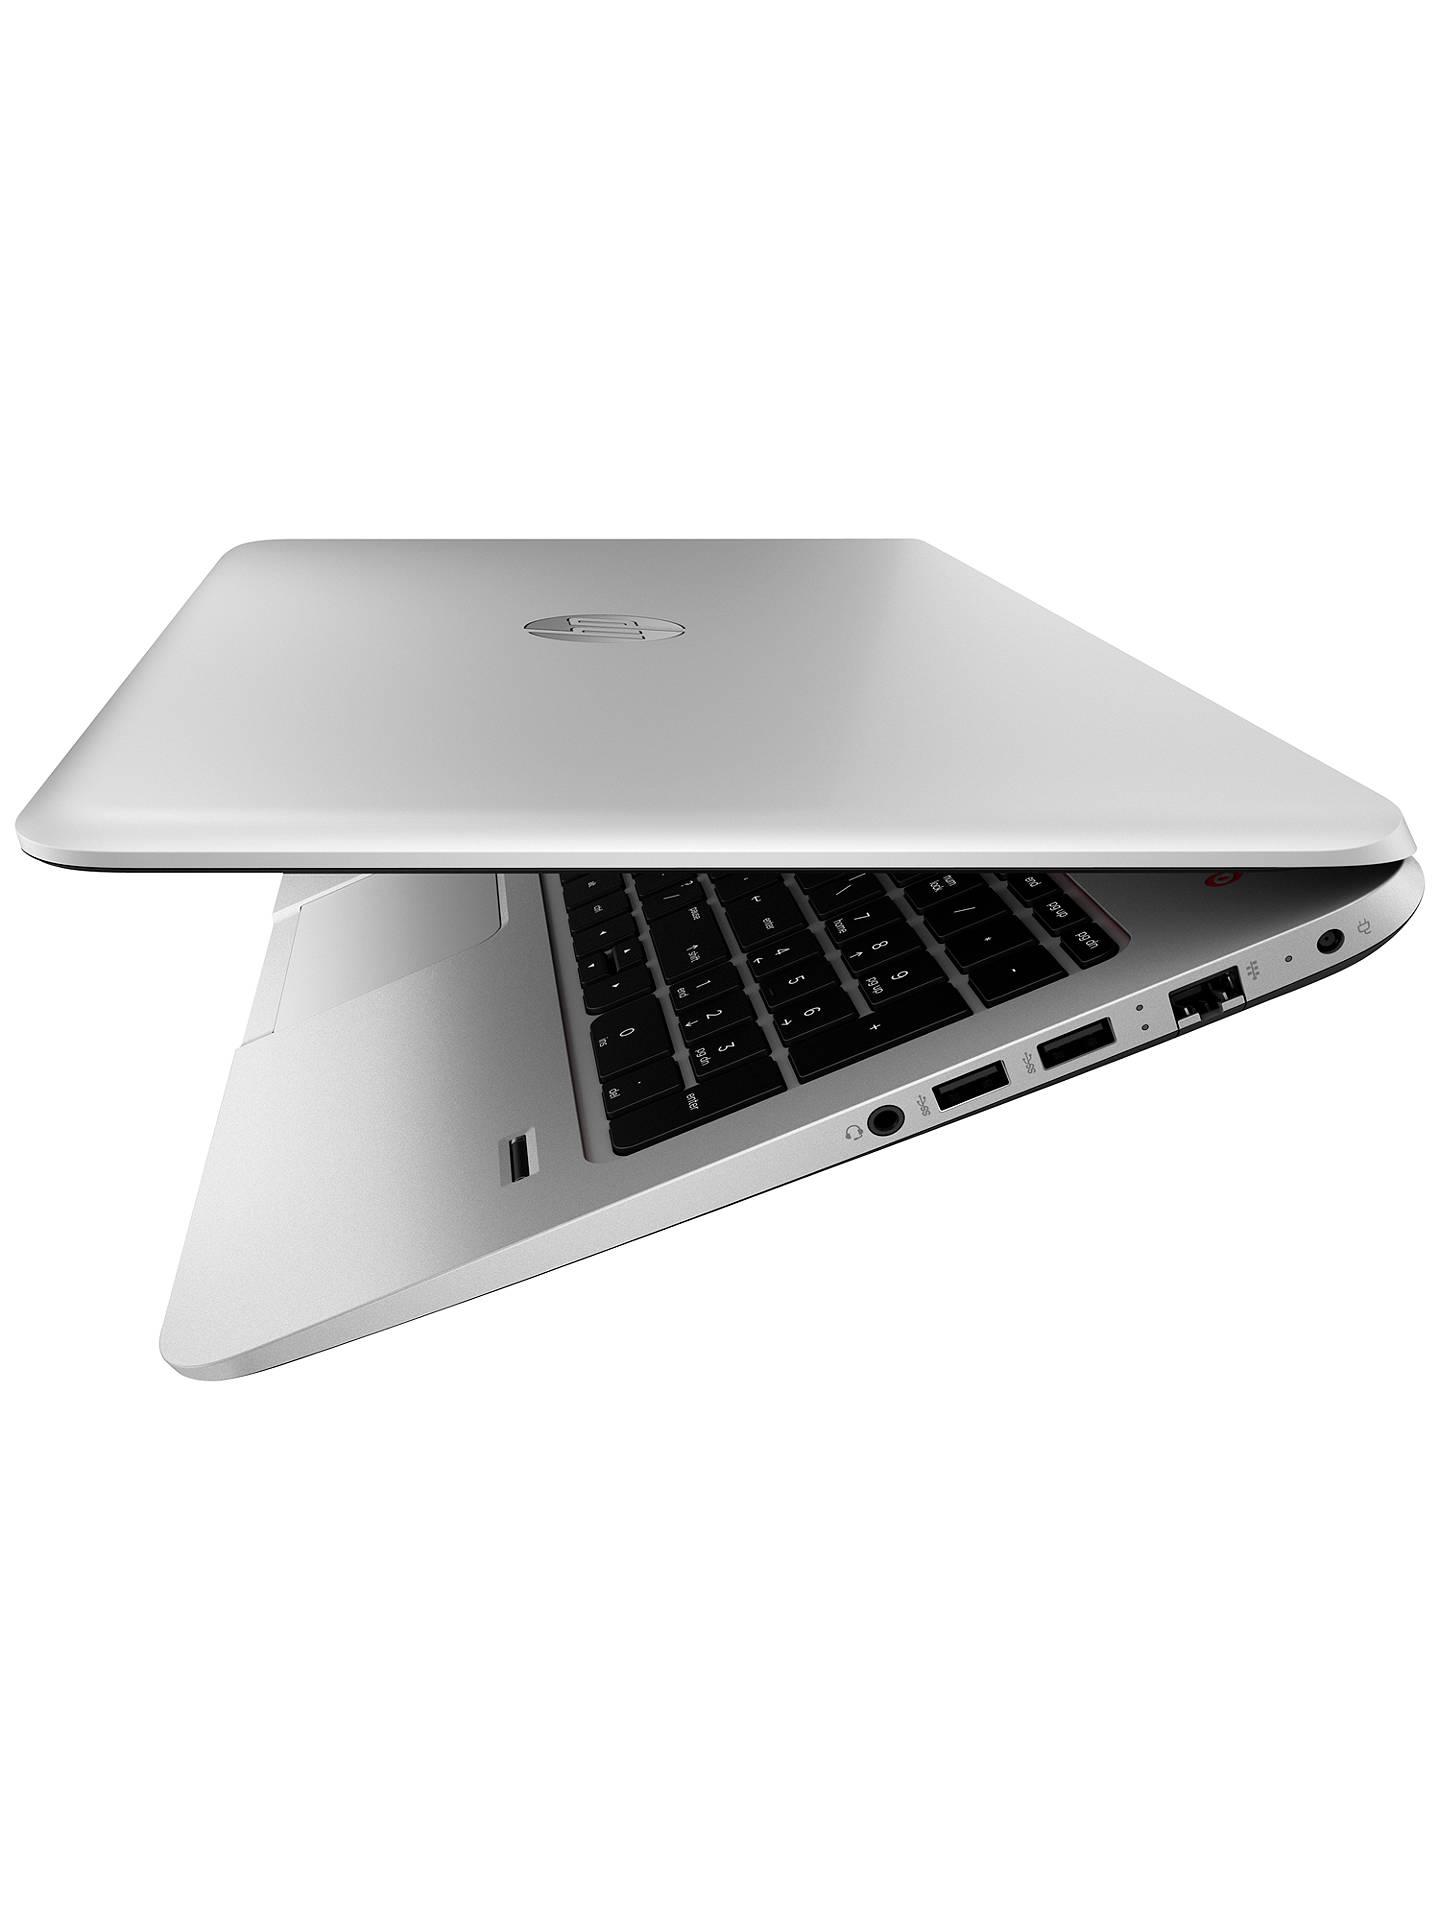 HP Envy TouchSmart 15-j024sa Laptop, Intel Core i7, 8GB RAM